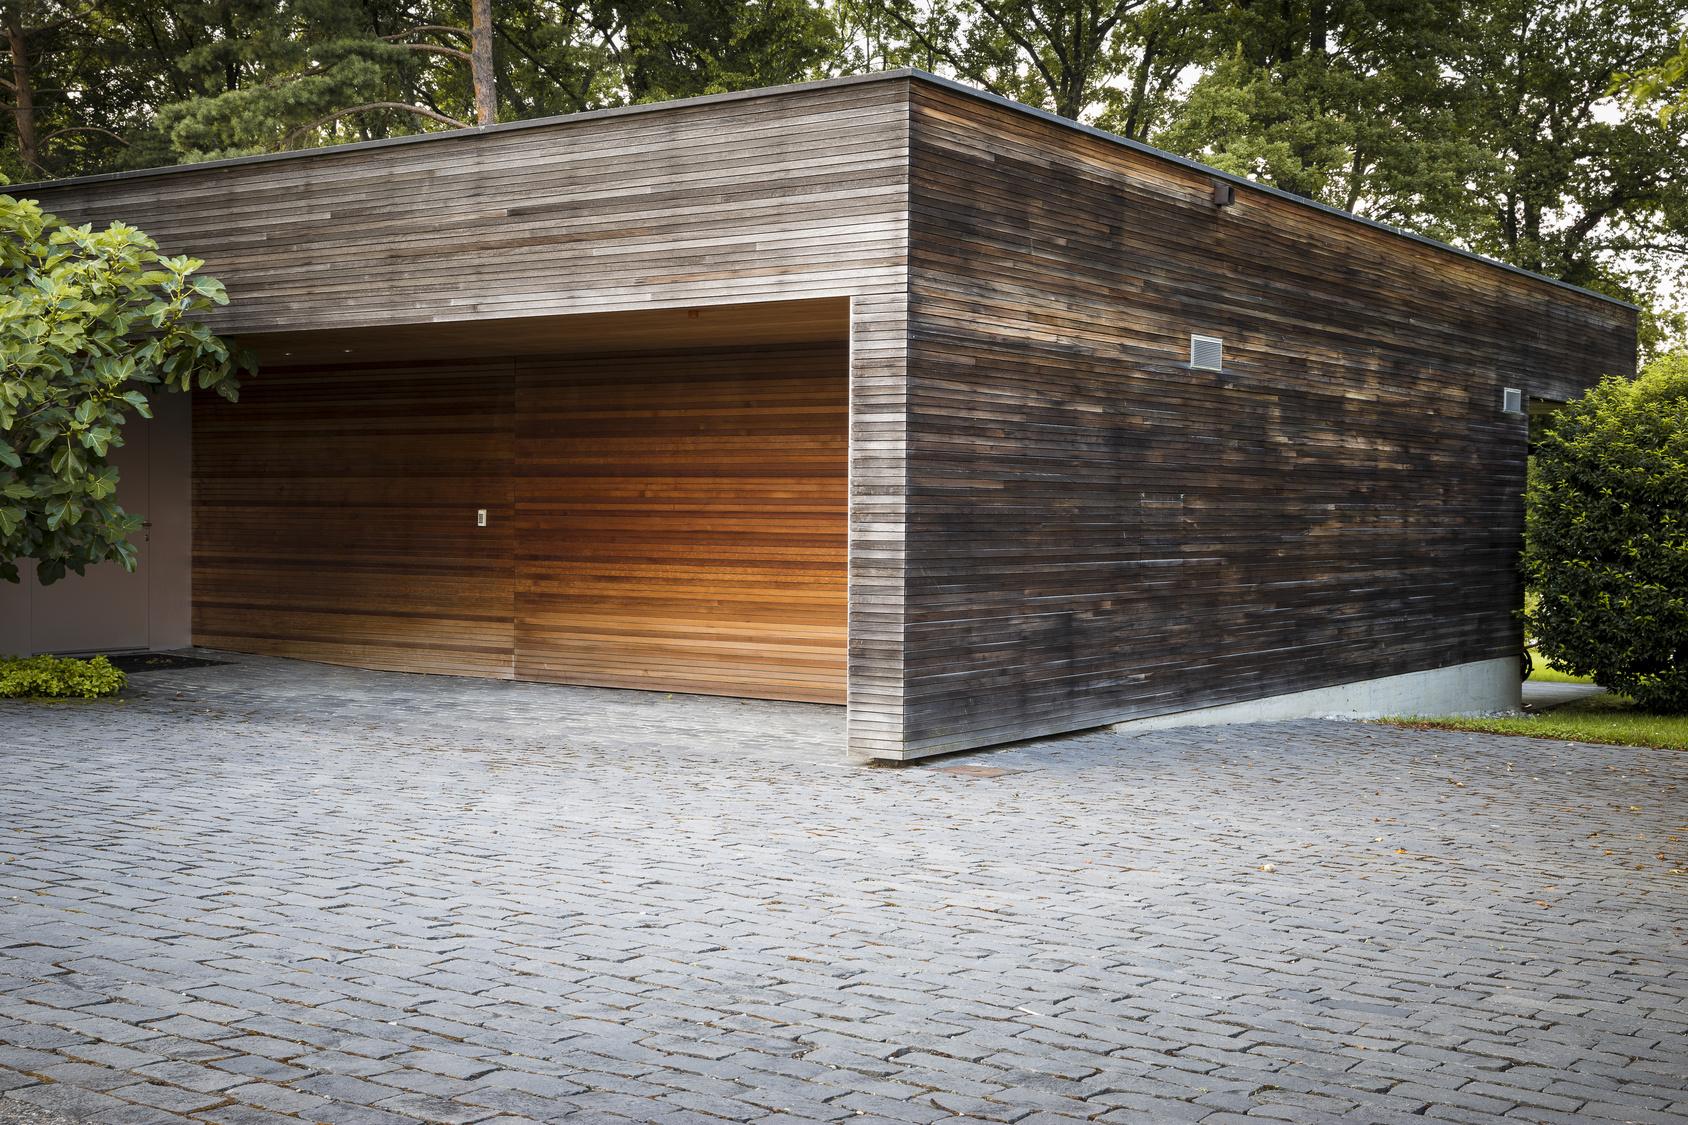 Int r t et prix d un garage en bois toit plat for Maison en bois quel constructeur